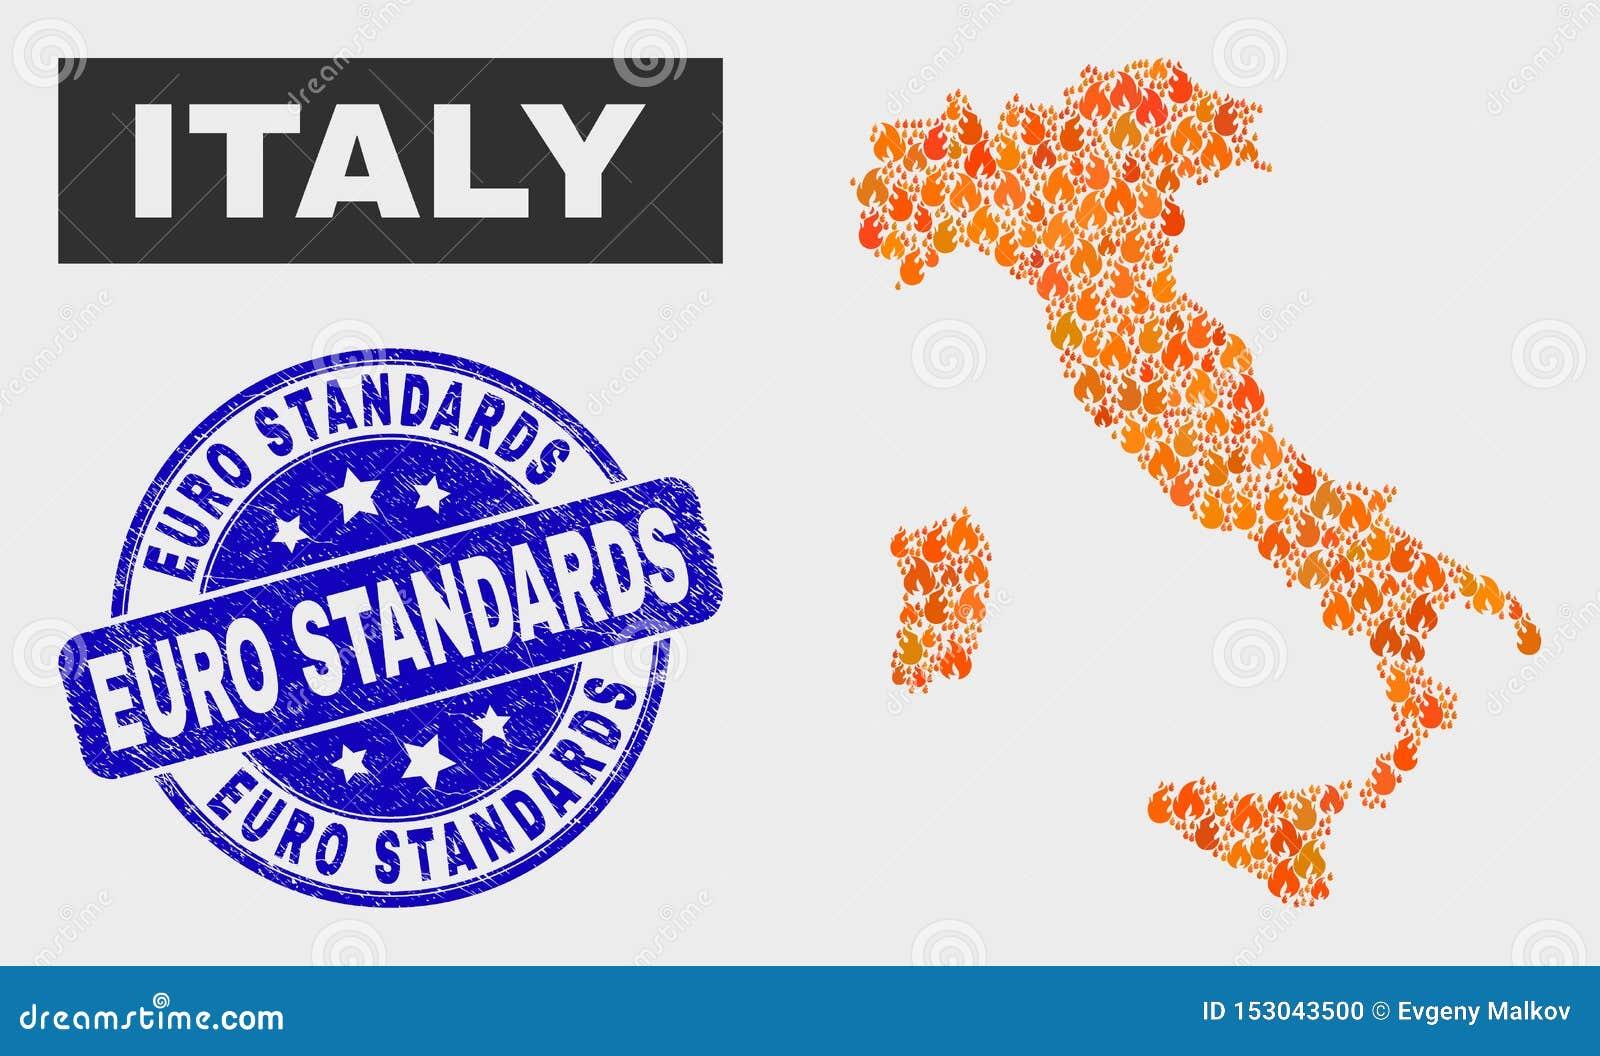 Płomień mozaiki Włochy mapa i Grunge standardów Euro foka